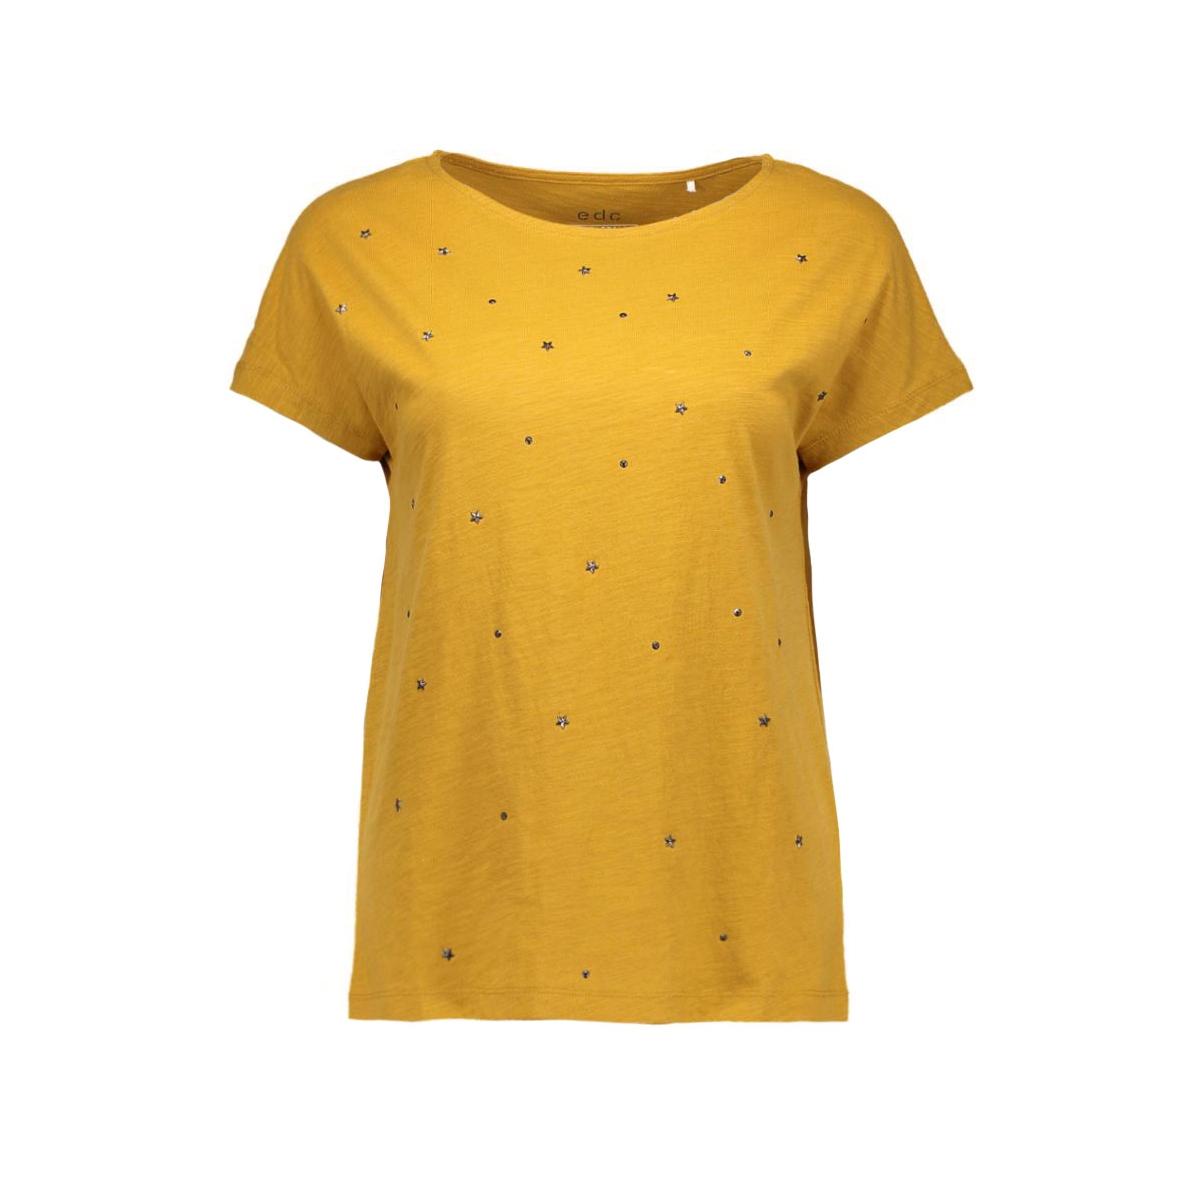 086cc1k026 edc t-shirt c700